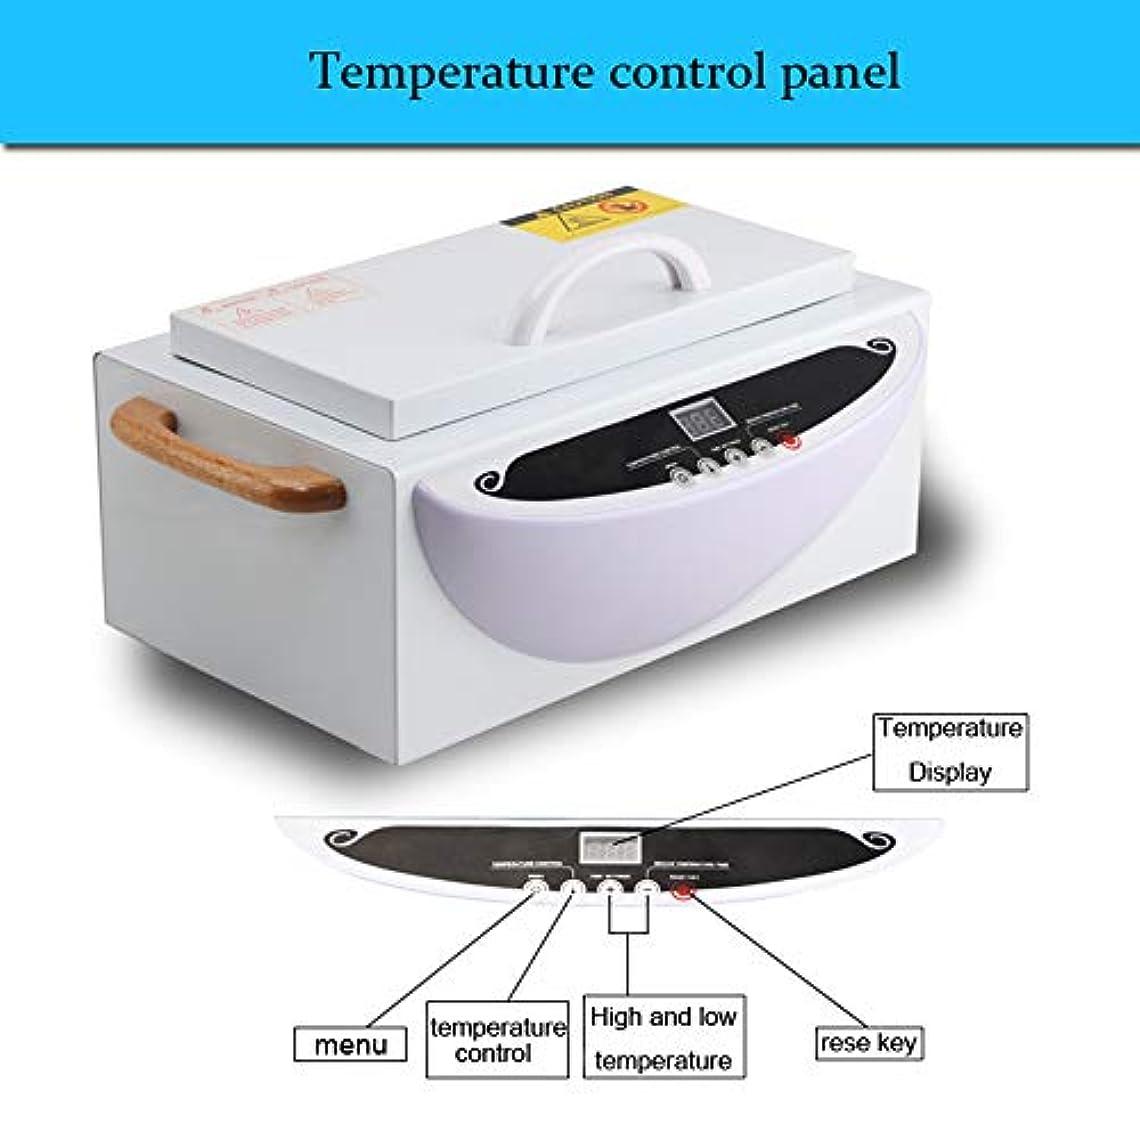 ページビーチスキーム高温滅菌装置のマニキュアツール、高温滅菌装置ボックス、プロのマニキュアツールの滅菌装置